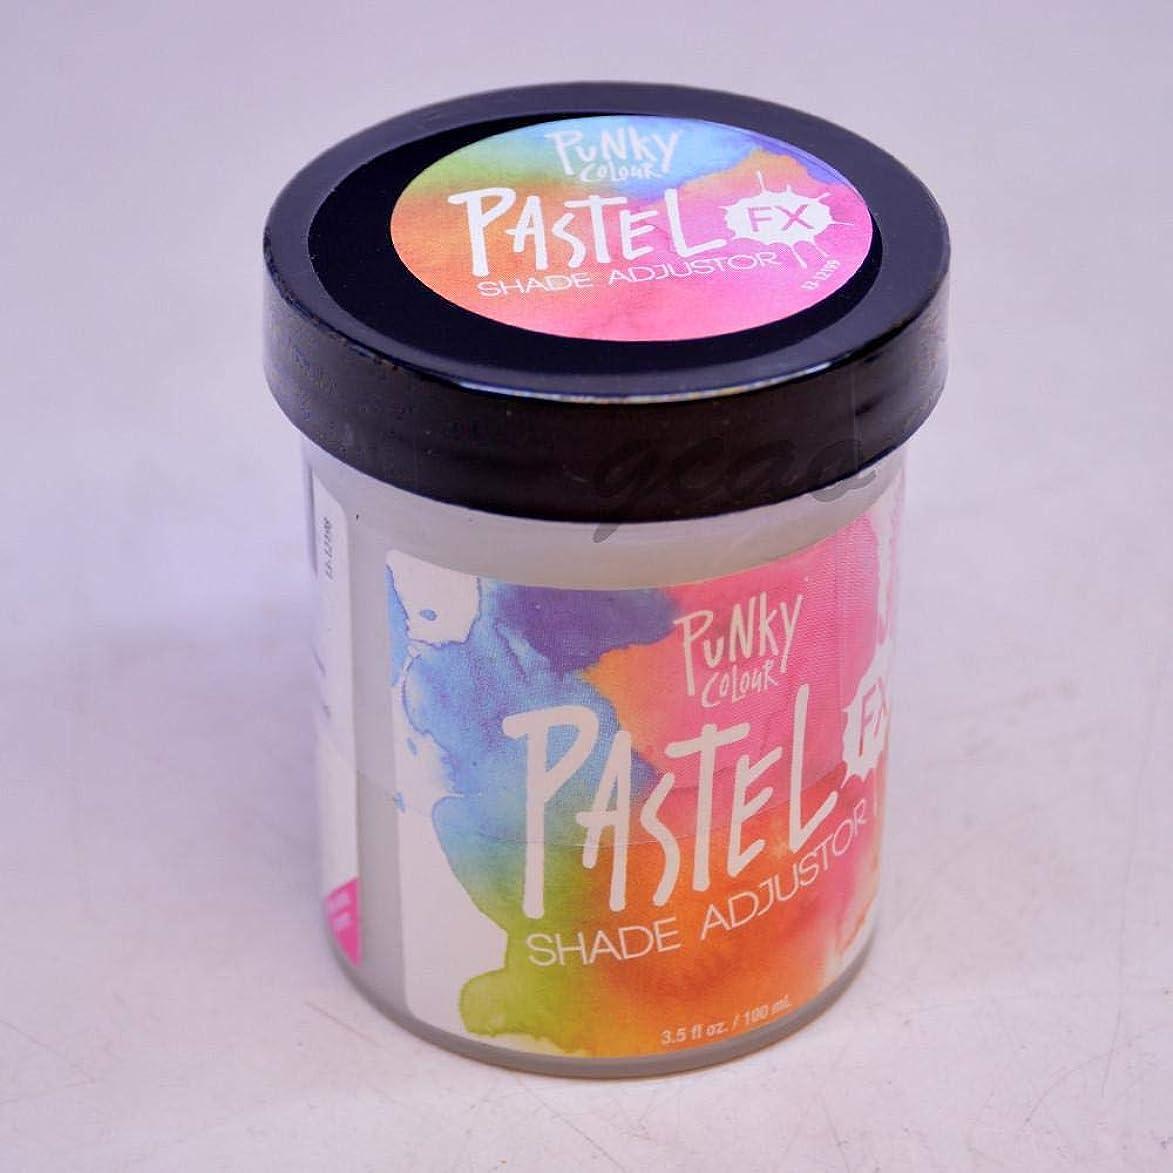 壊れた異邦人開拓者JEROME RUSSELL Punky Color Semi-Permanent Conditioning Hair Color - Pastel FX Shade Adjuster (並行輸入品)